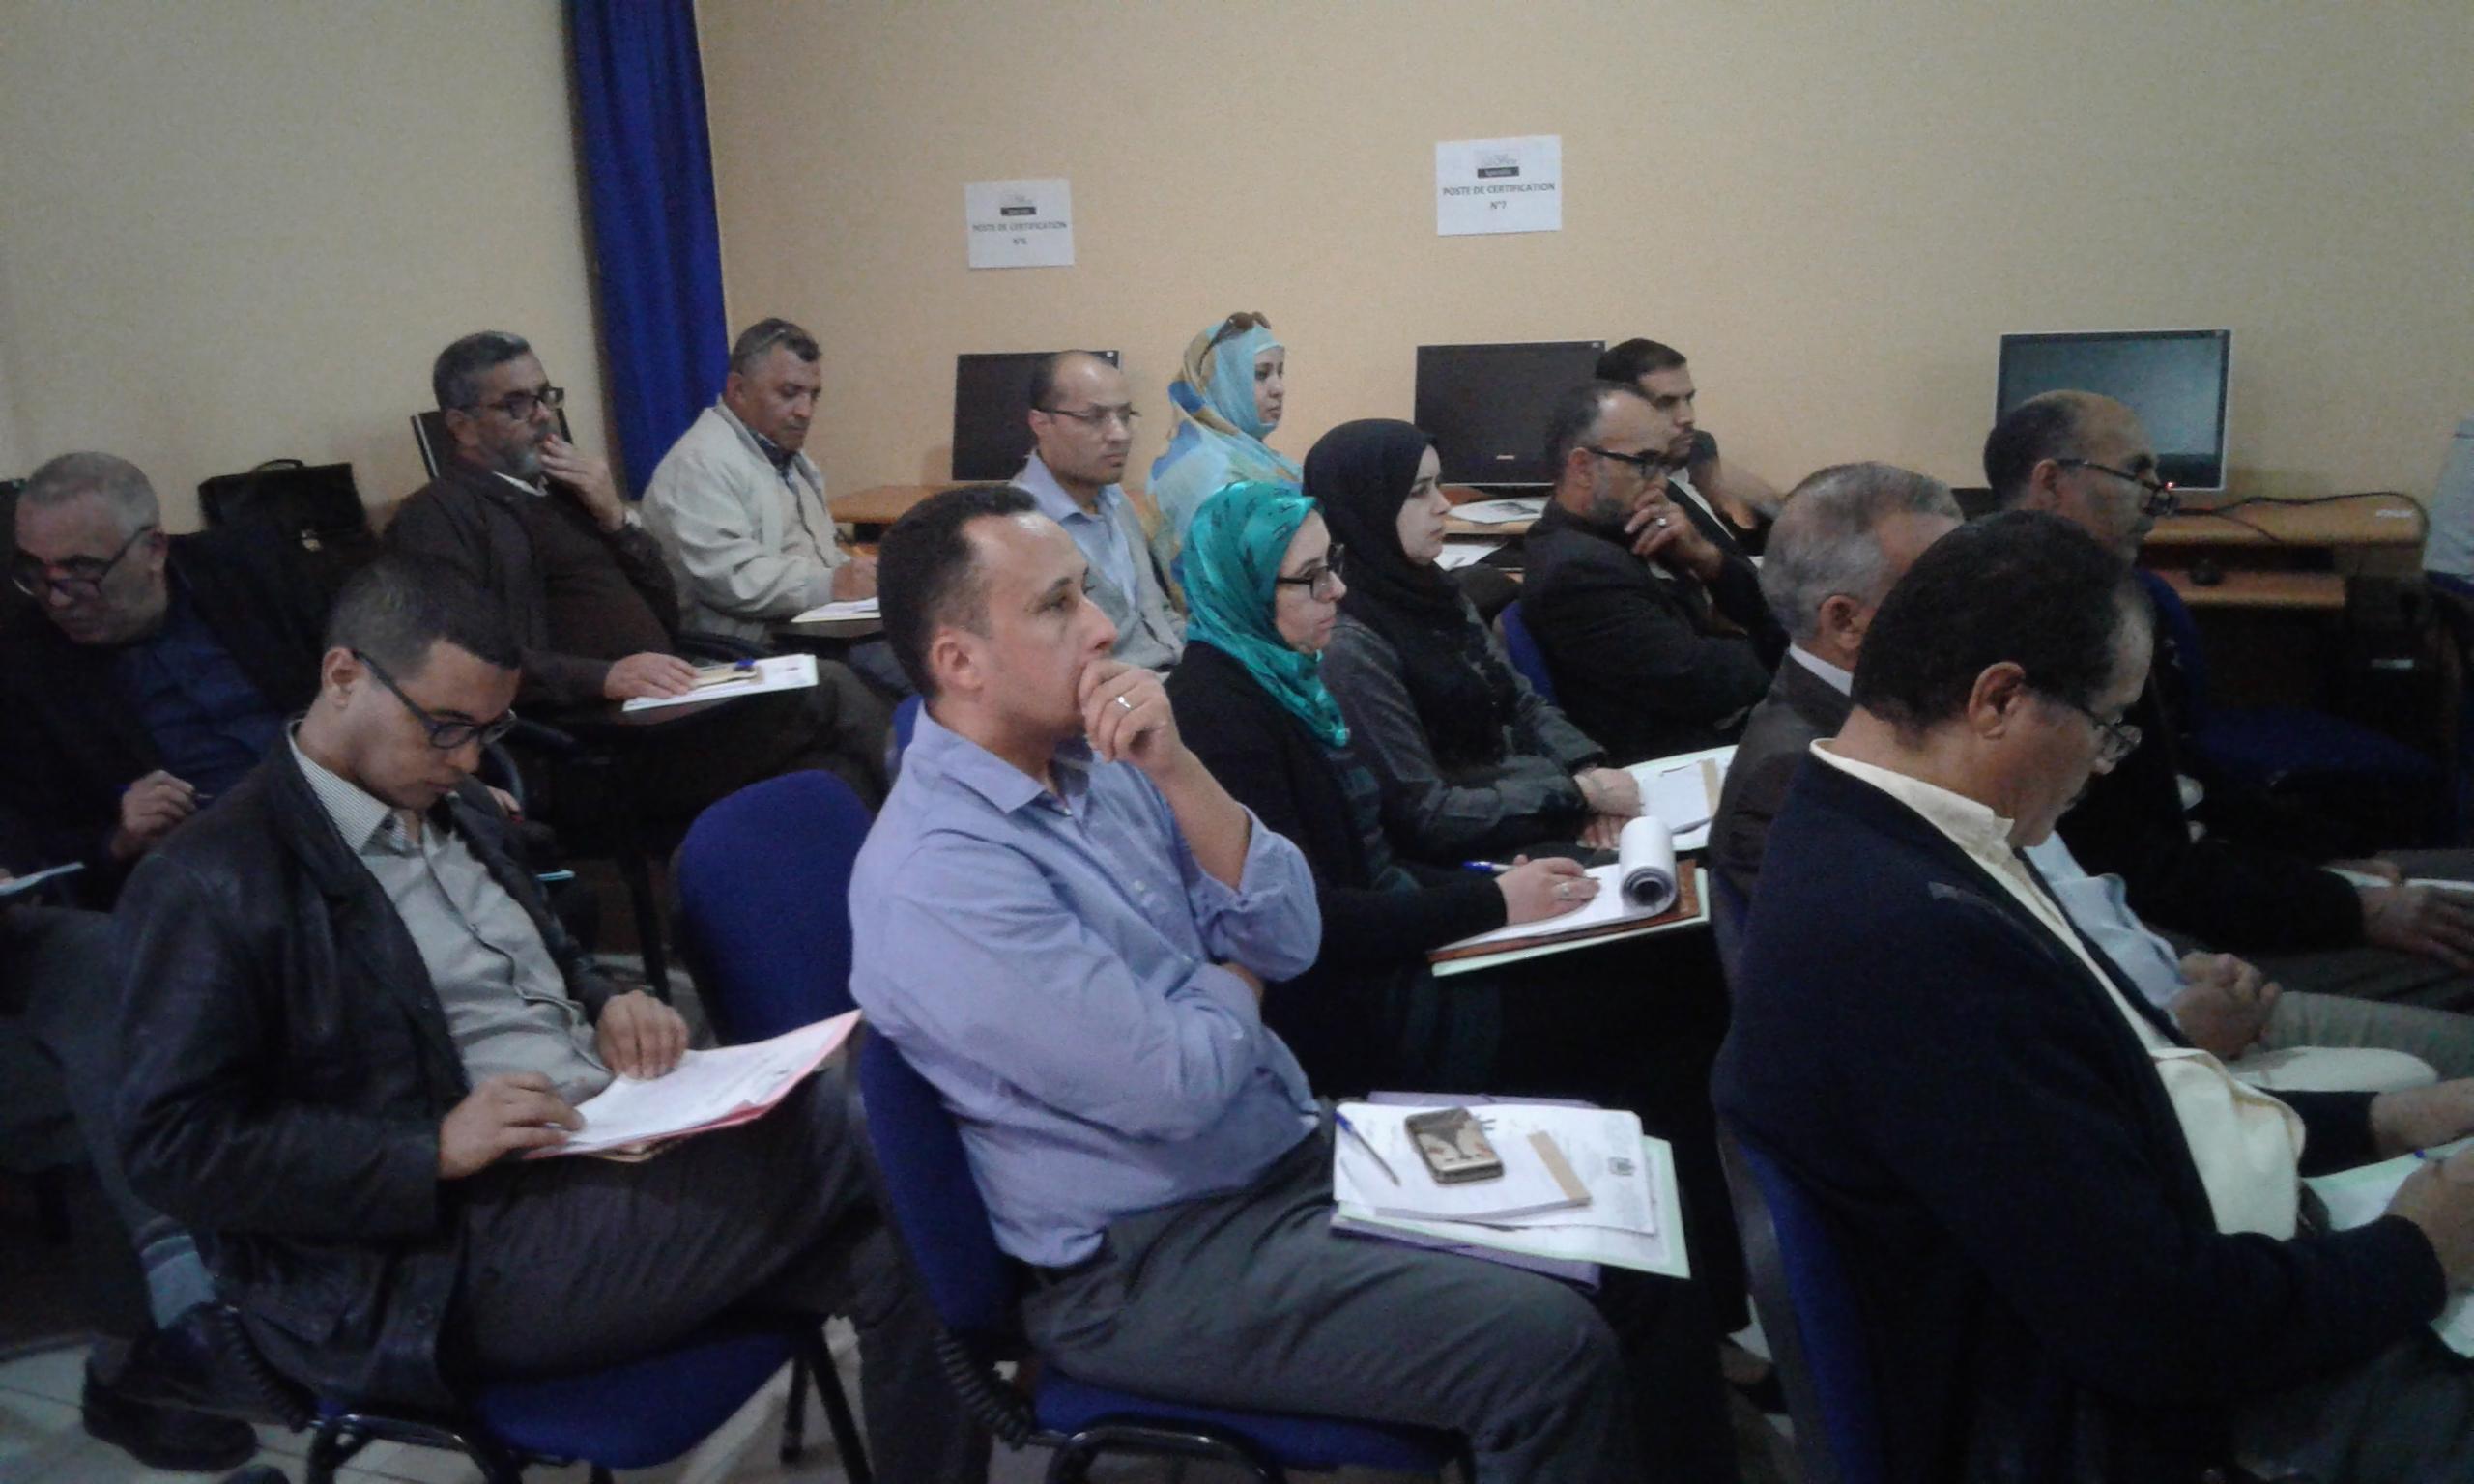 تنظيم اللقاء الإقليمي الثاني حول المصاحبة والتكوين عبر الممارسة  في إطار المشروع المندمج رقم 8 بمديرية تيزنيت